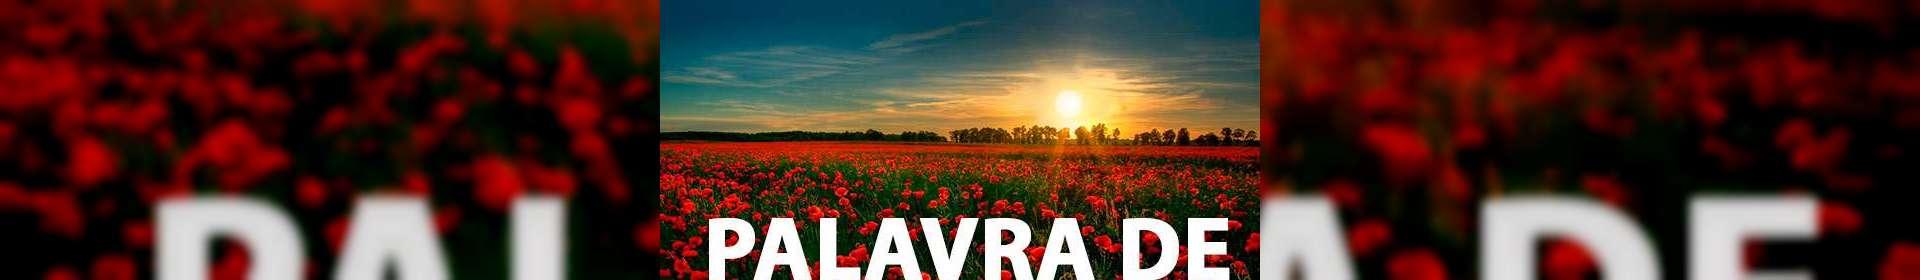 Gálatas 5:25 - Uma Palavra de Esperança para suas vidas